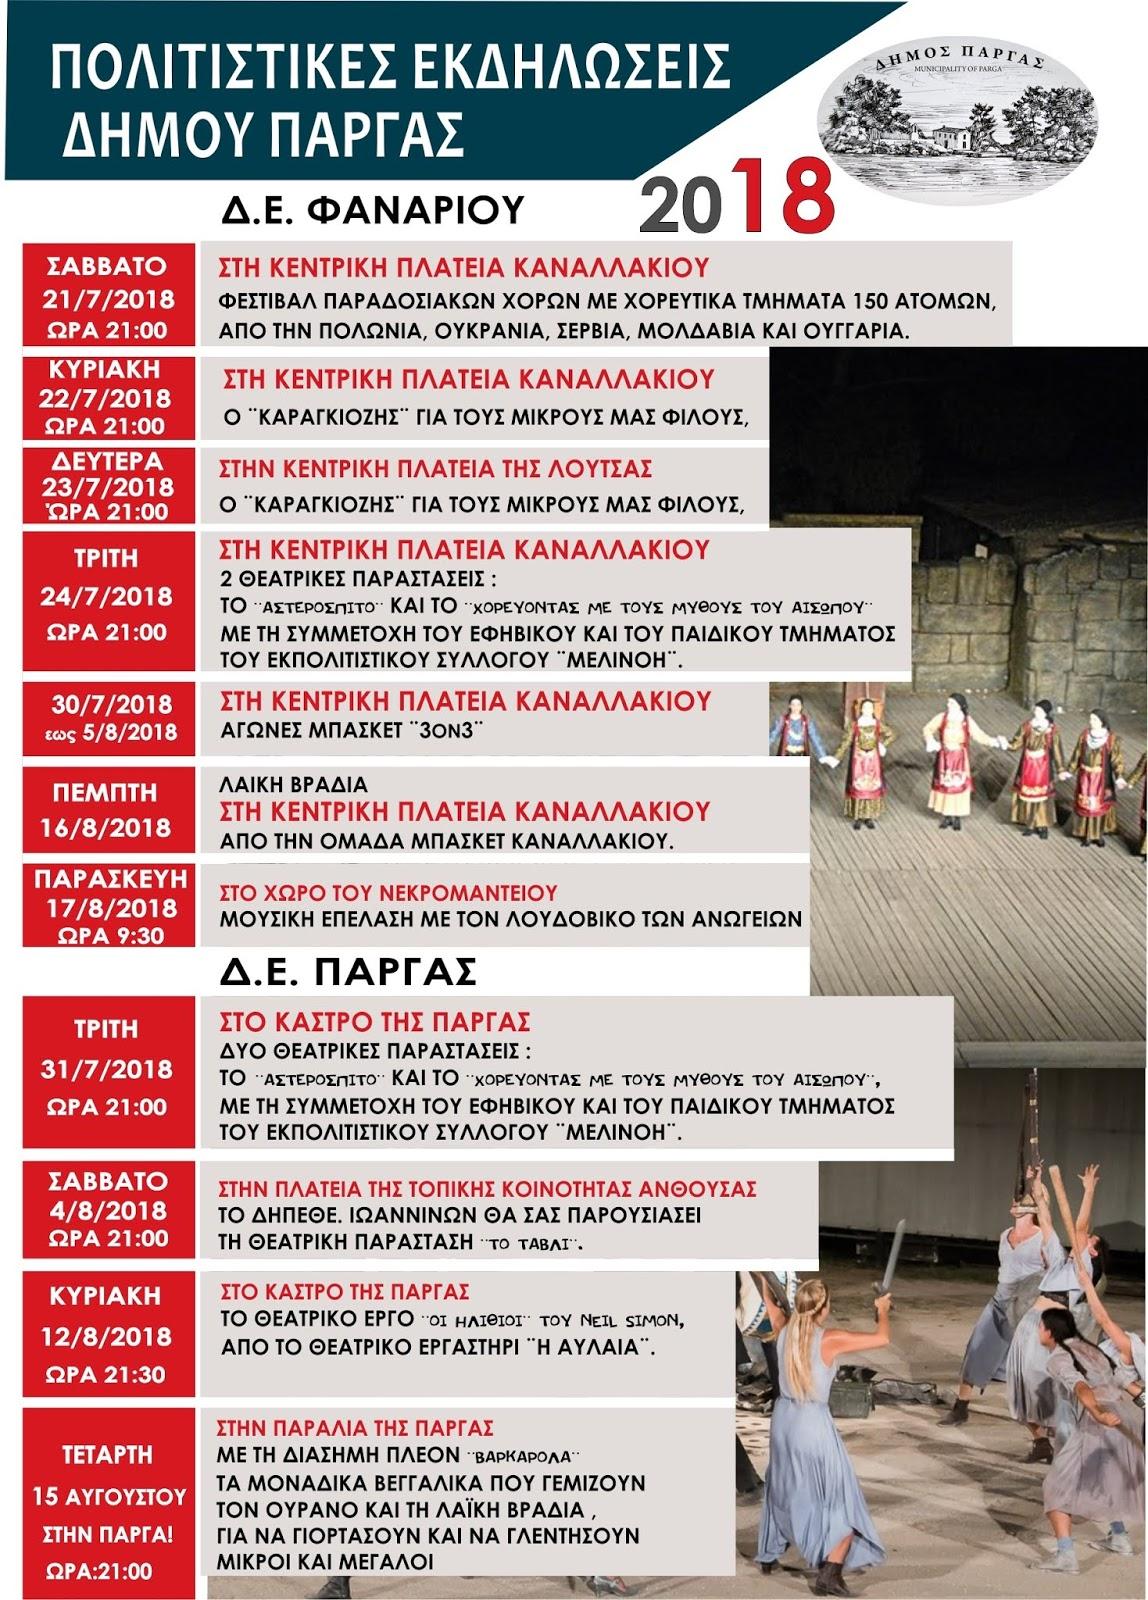 Ολες οι θερινές πολιτιστικές εκδηλώσεις του Δήμου Πάργας